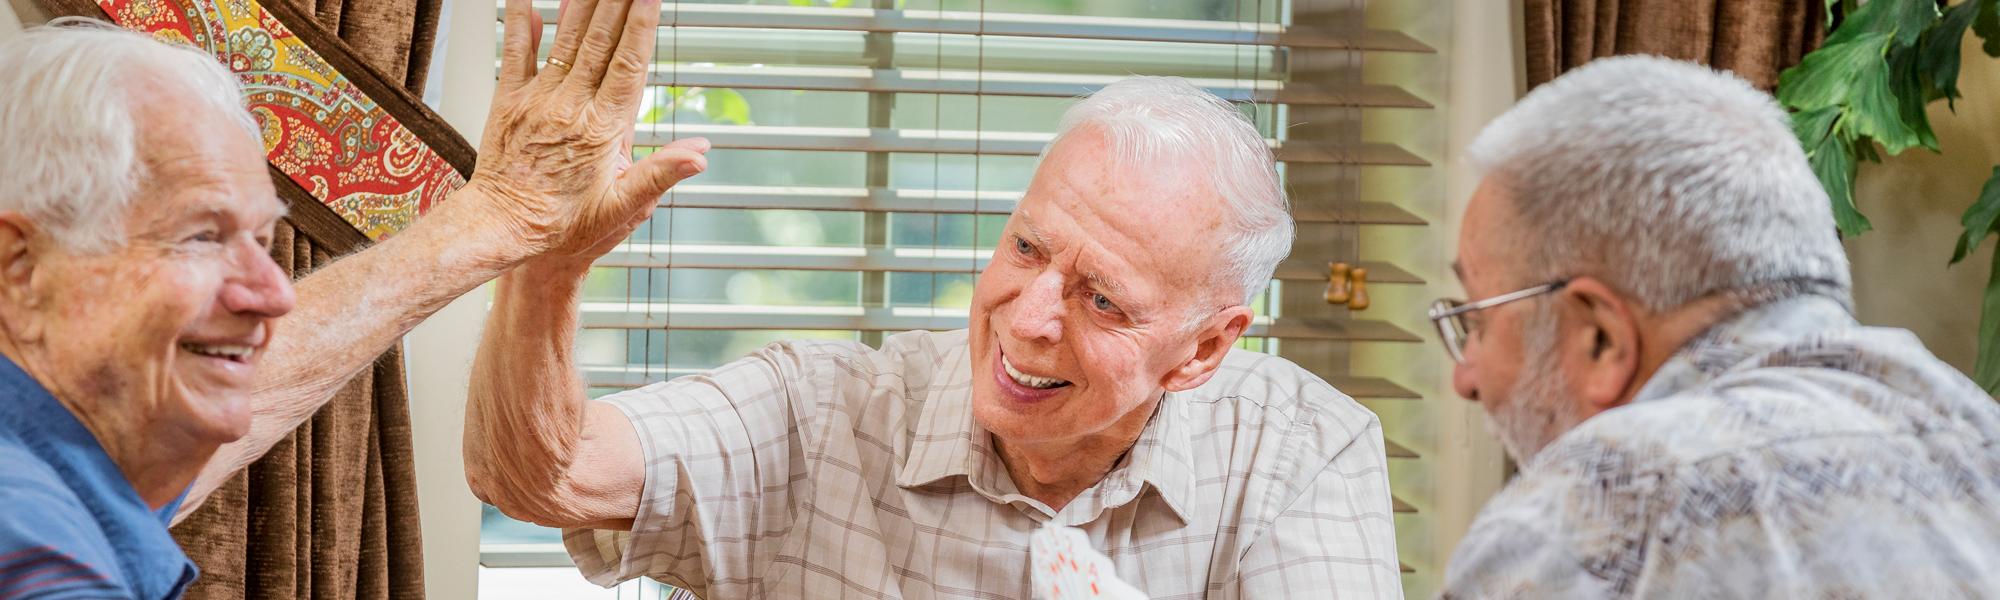 Can I Afford Senior Living? | Eskaton Senior Care